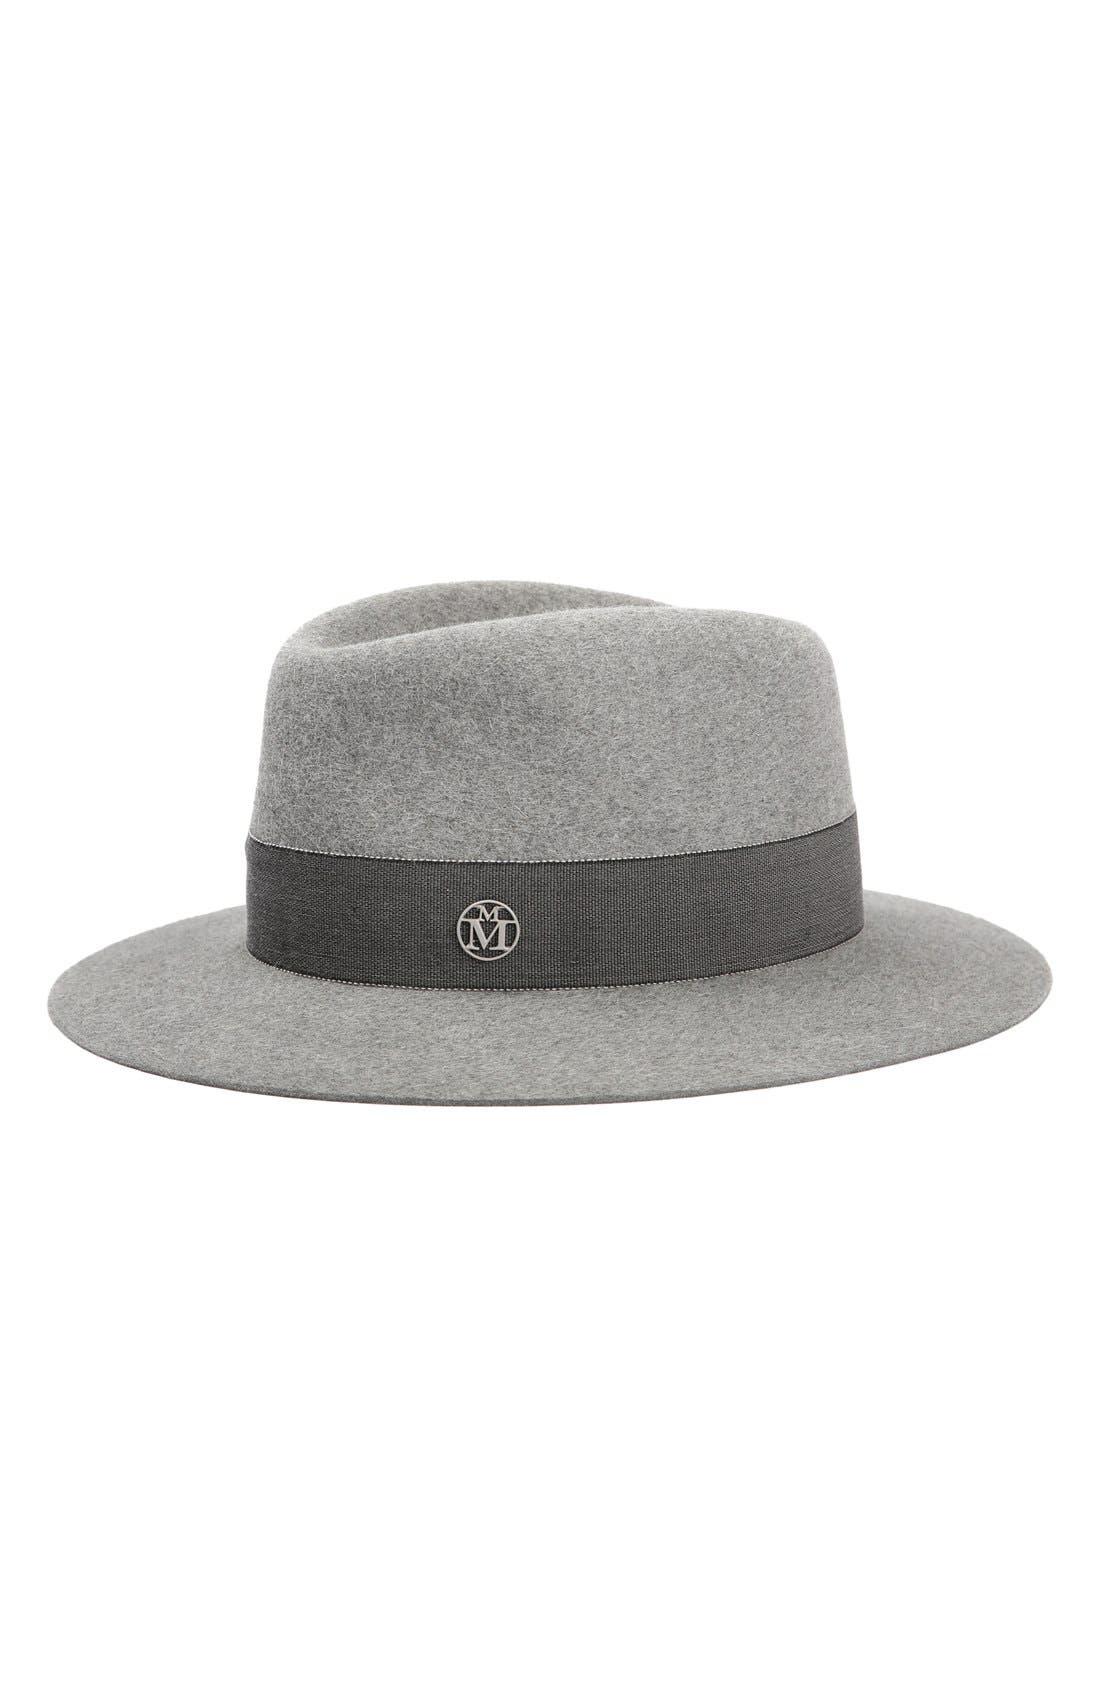 Maison Michel Andre Fur Felt Hat